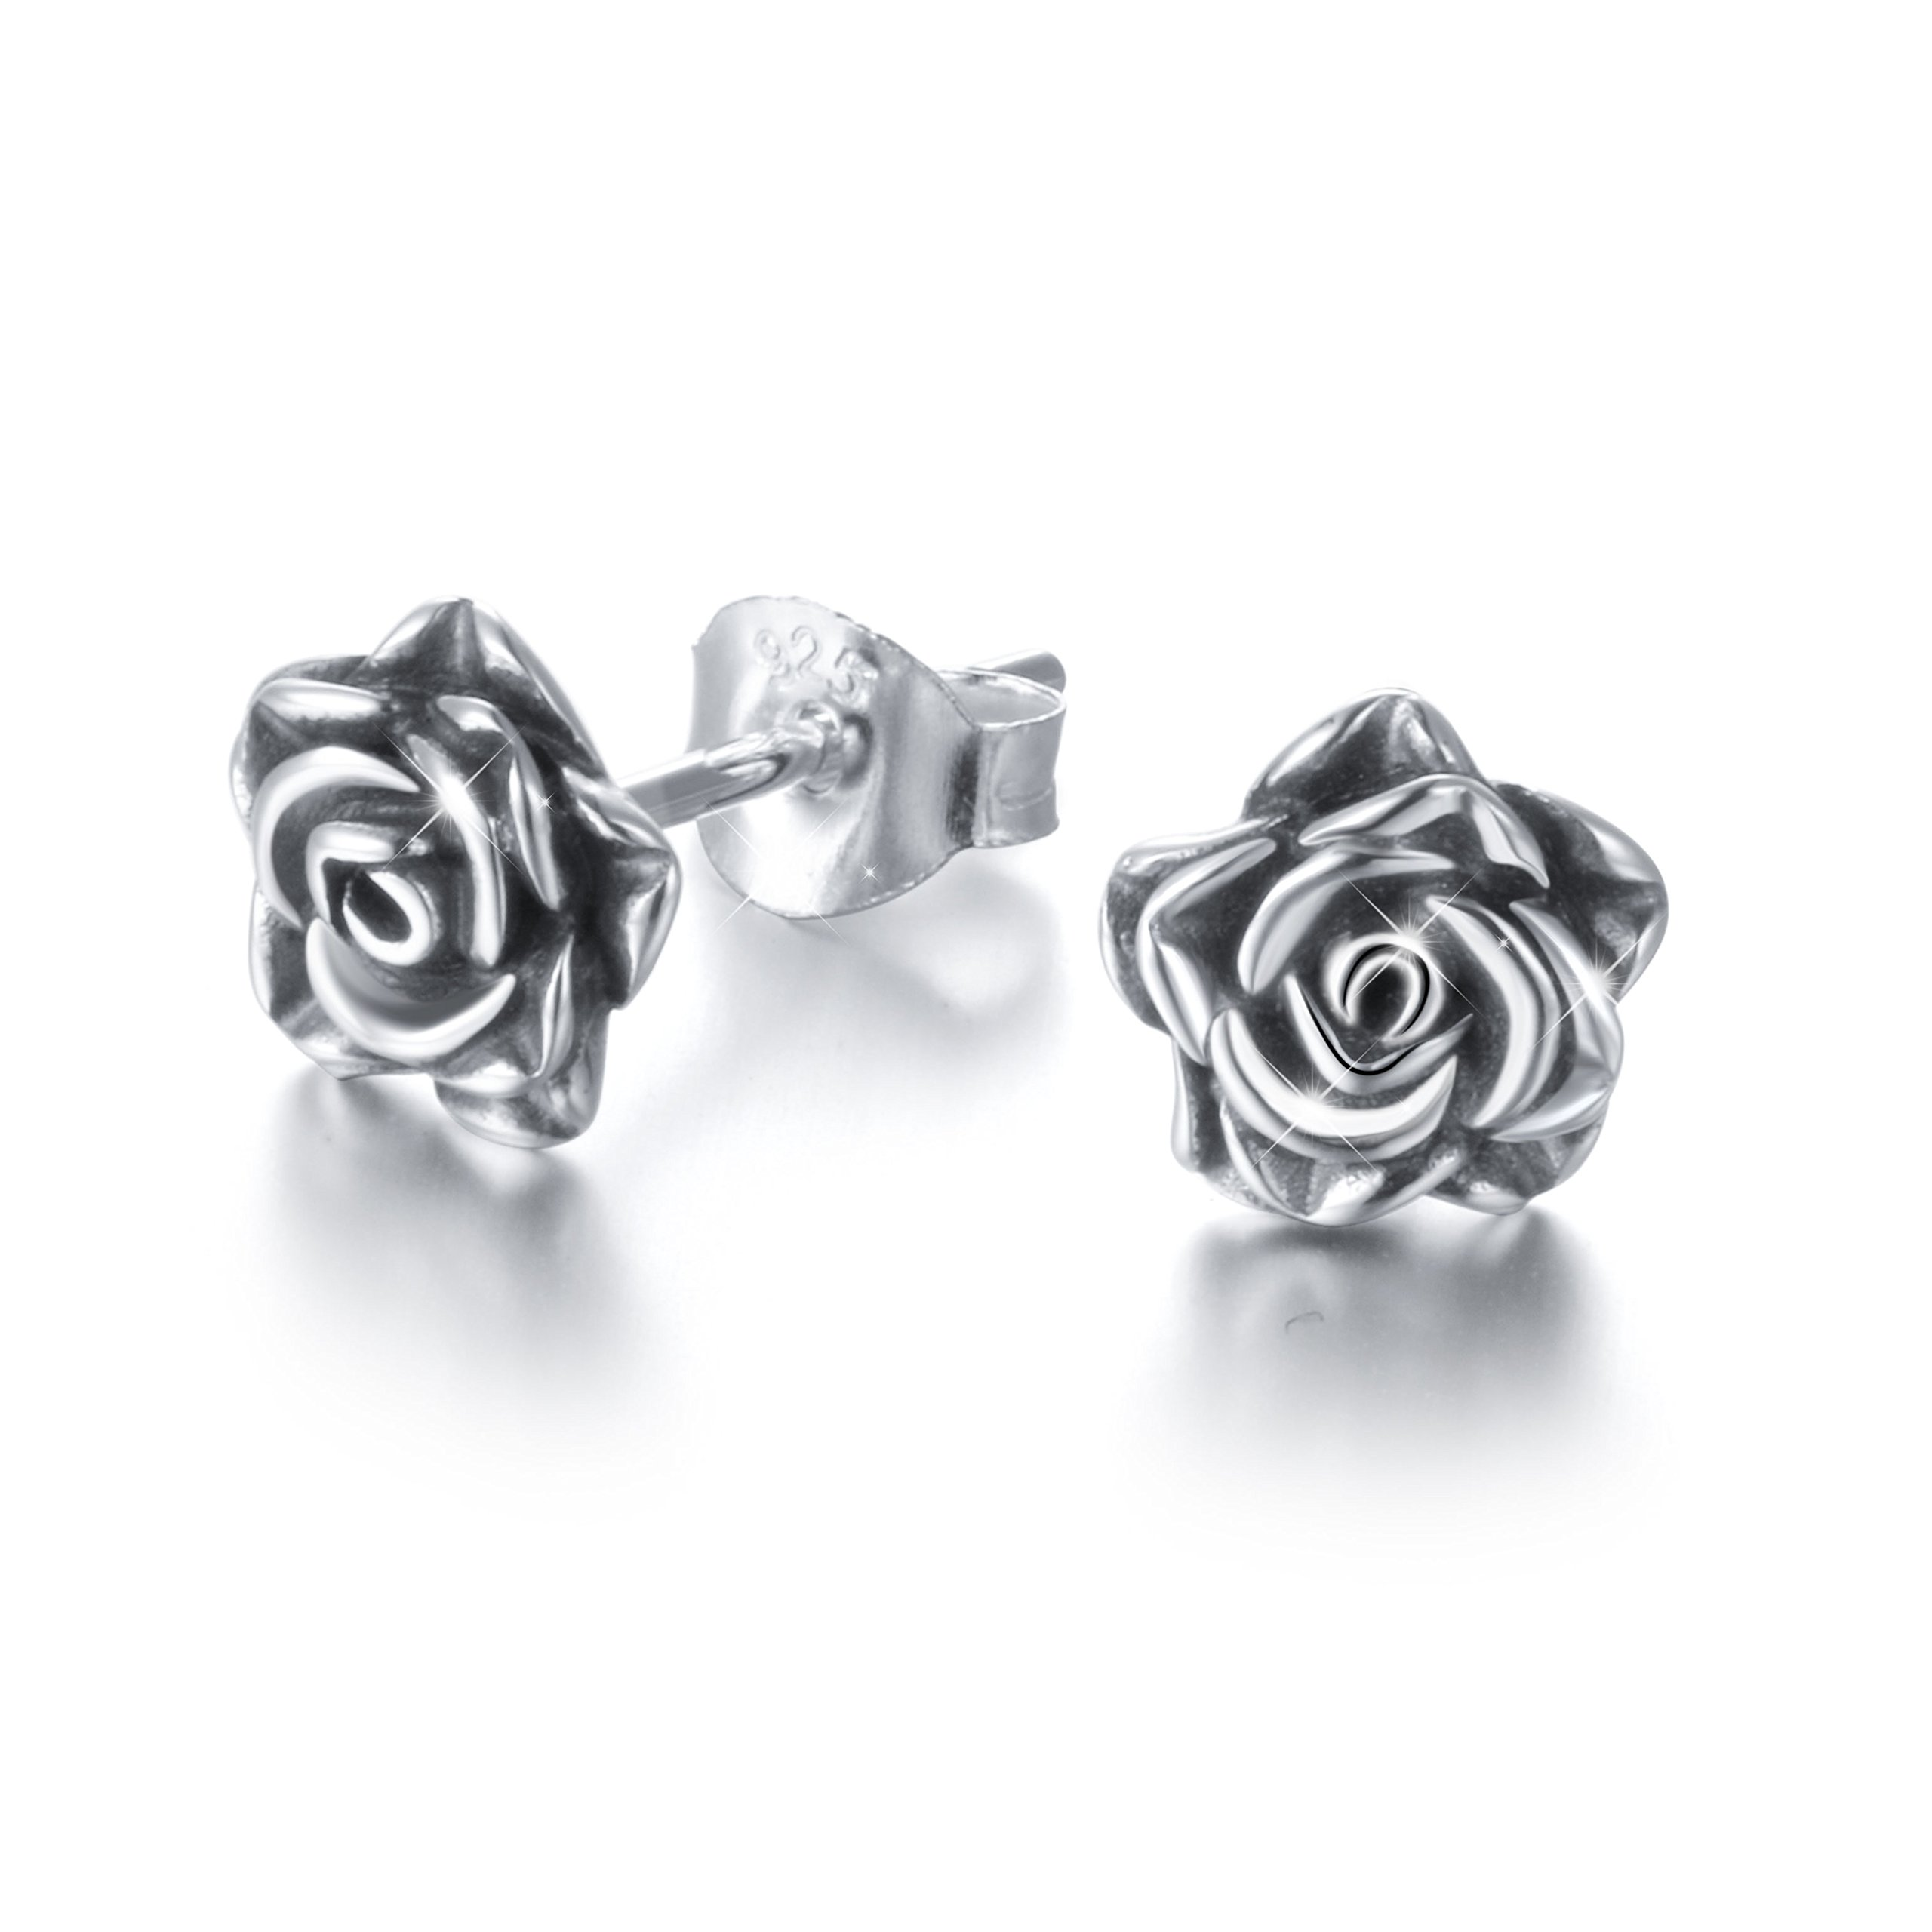 S925 Sterling Silver Rose Flower Stud Earrings for Women Girl (Oxidized Silvery)